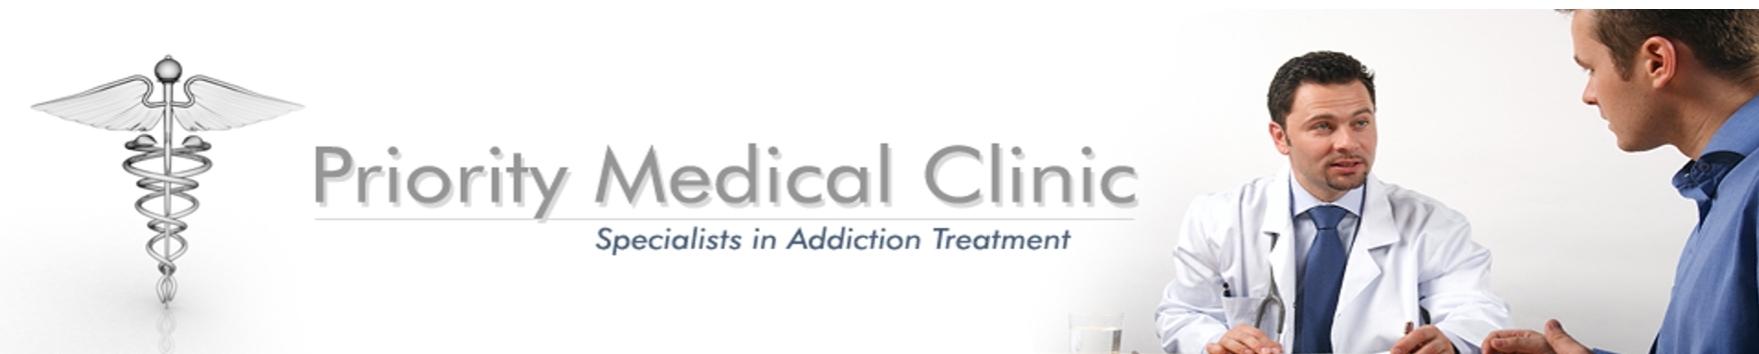 Clinicl.jpg